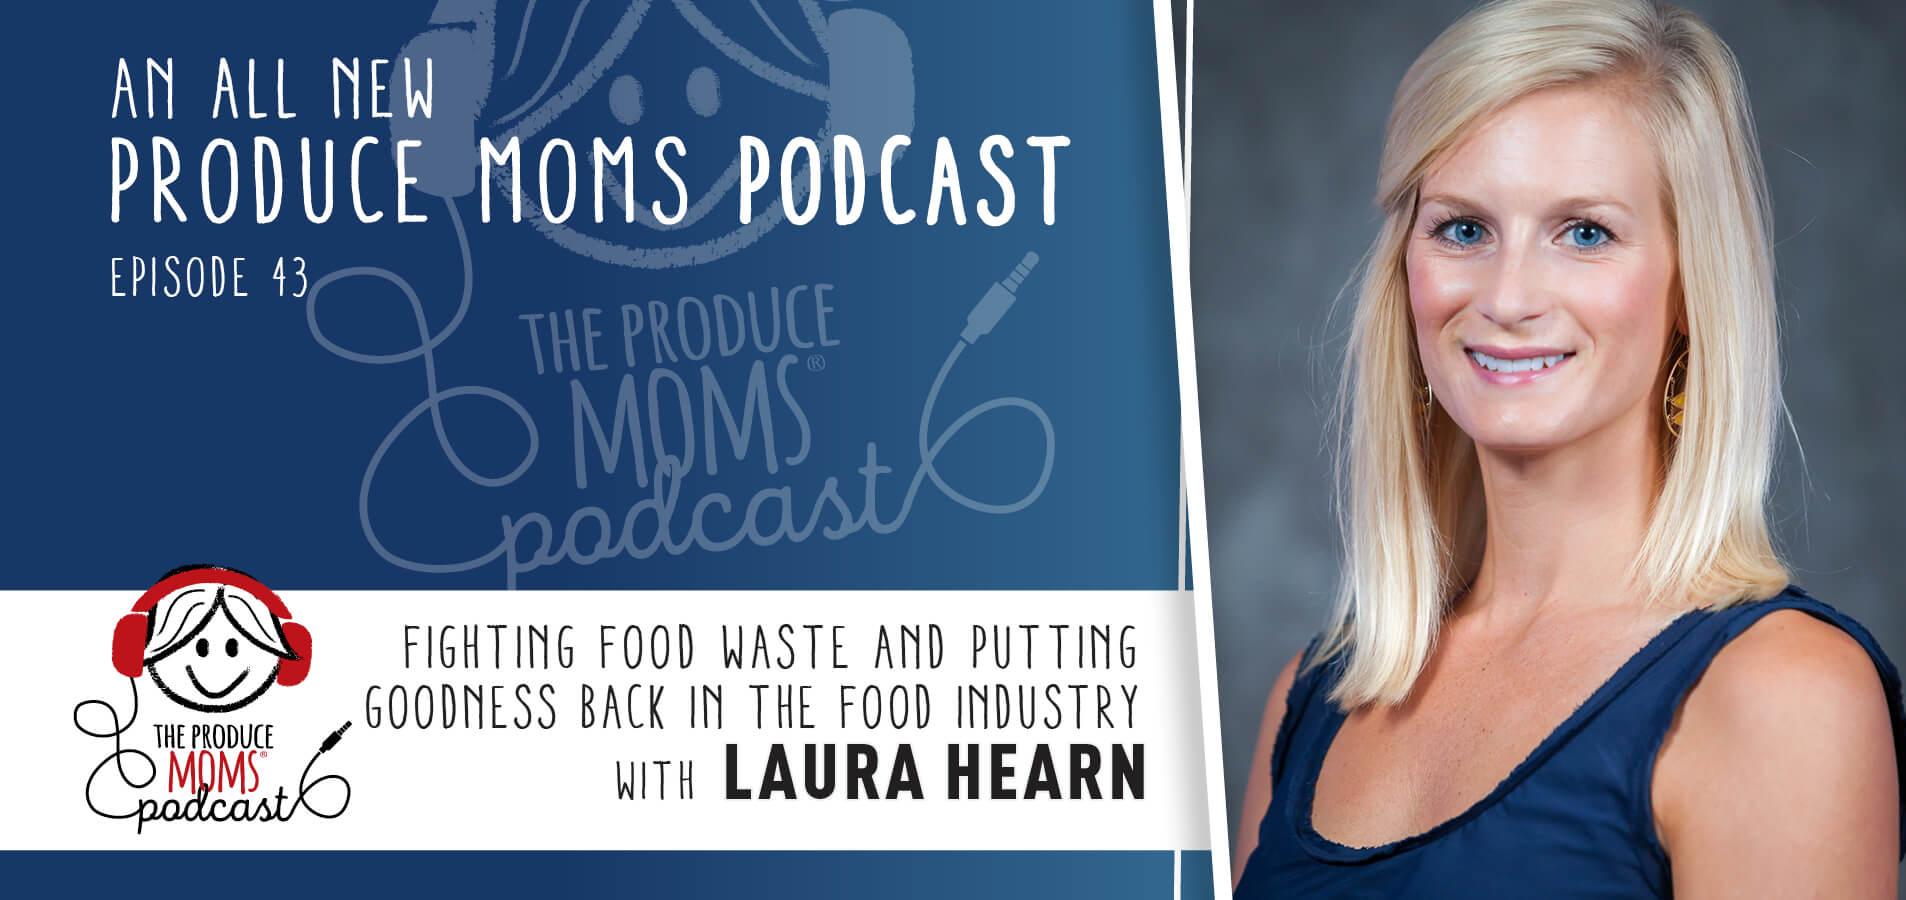 Episode 43: Food Waste